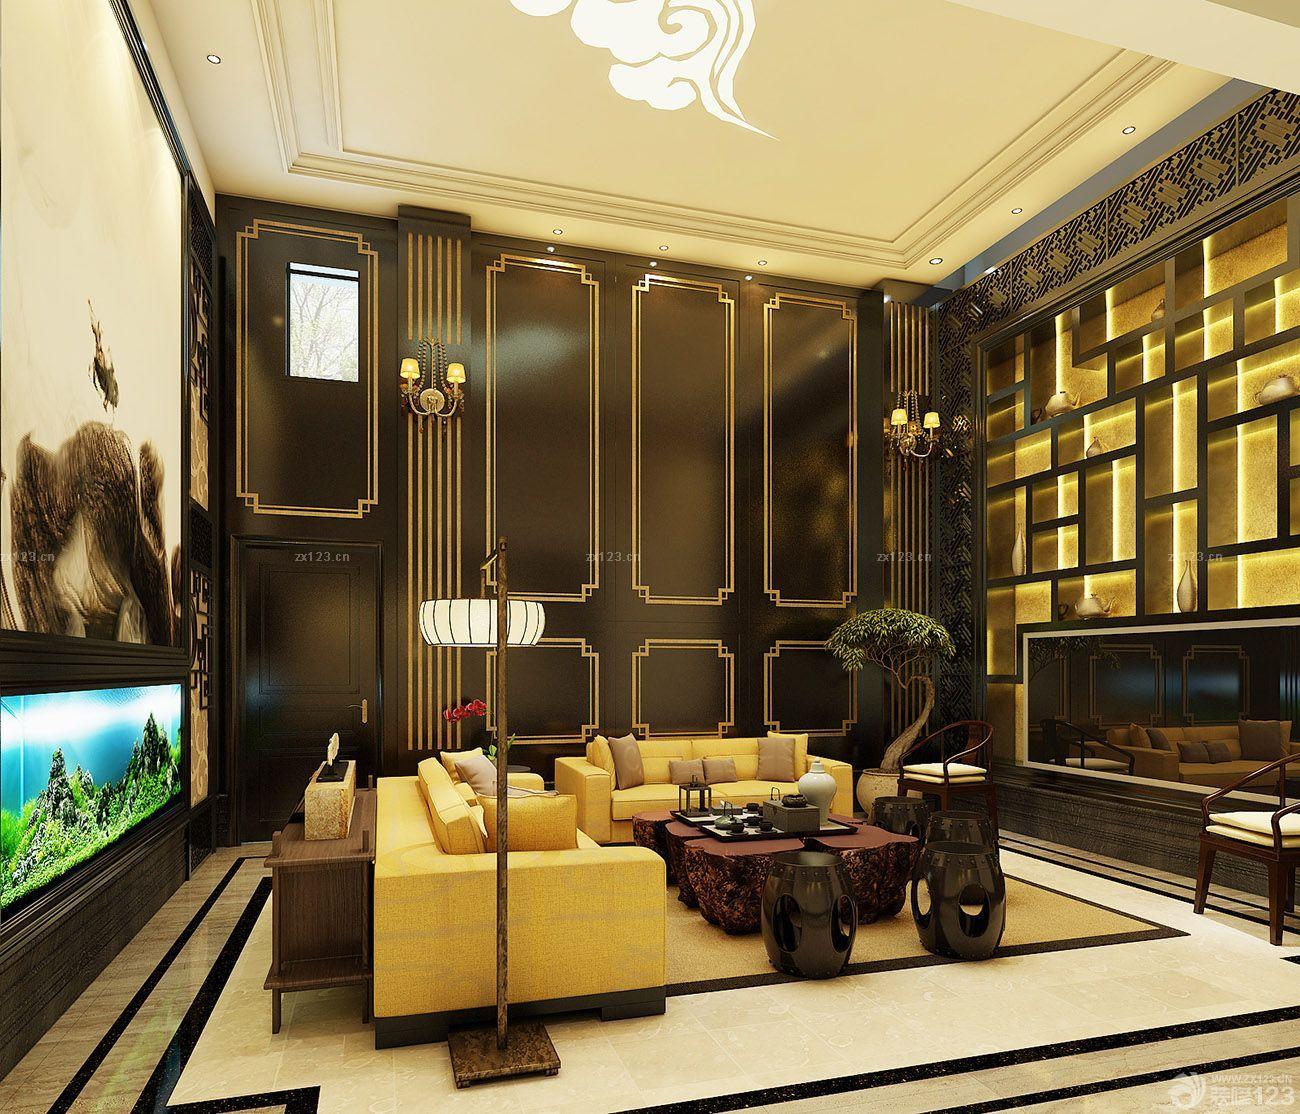 豪华中式客厅屏风式鱼缸玄关鱼缸装修效果图图片